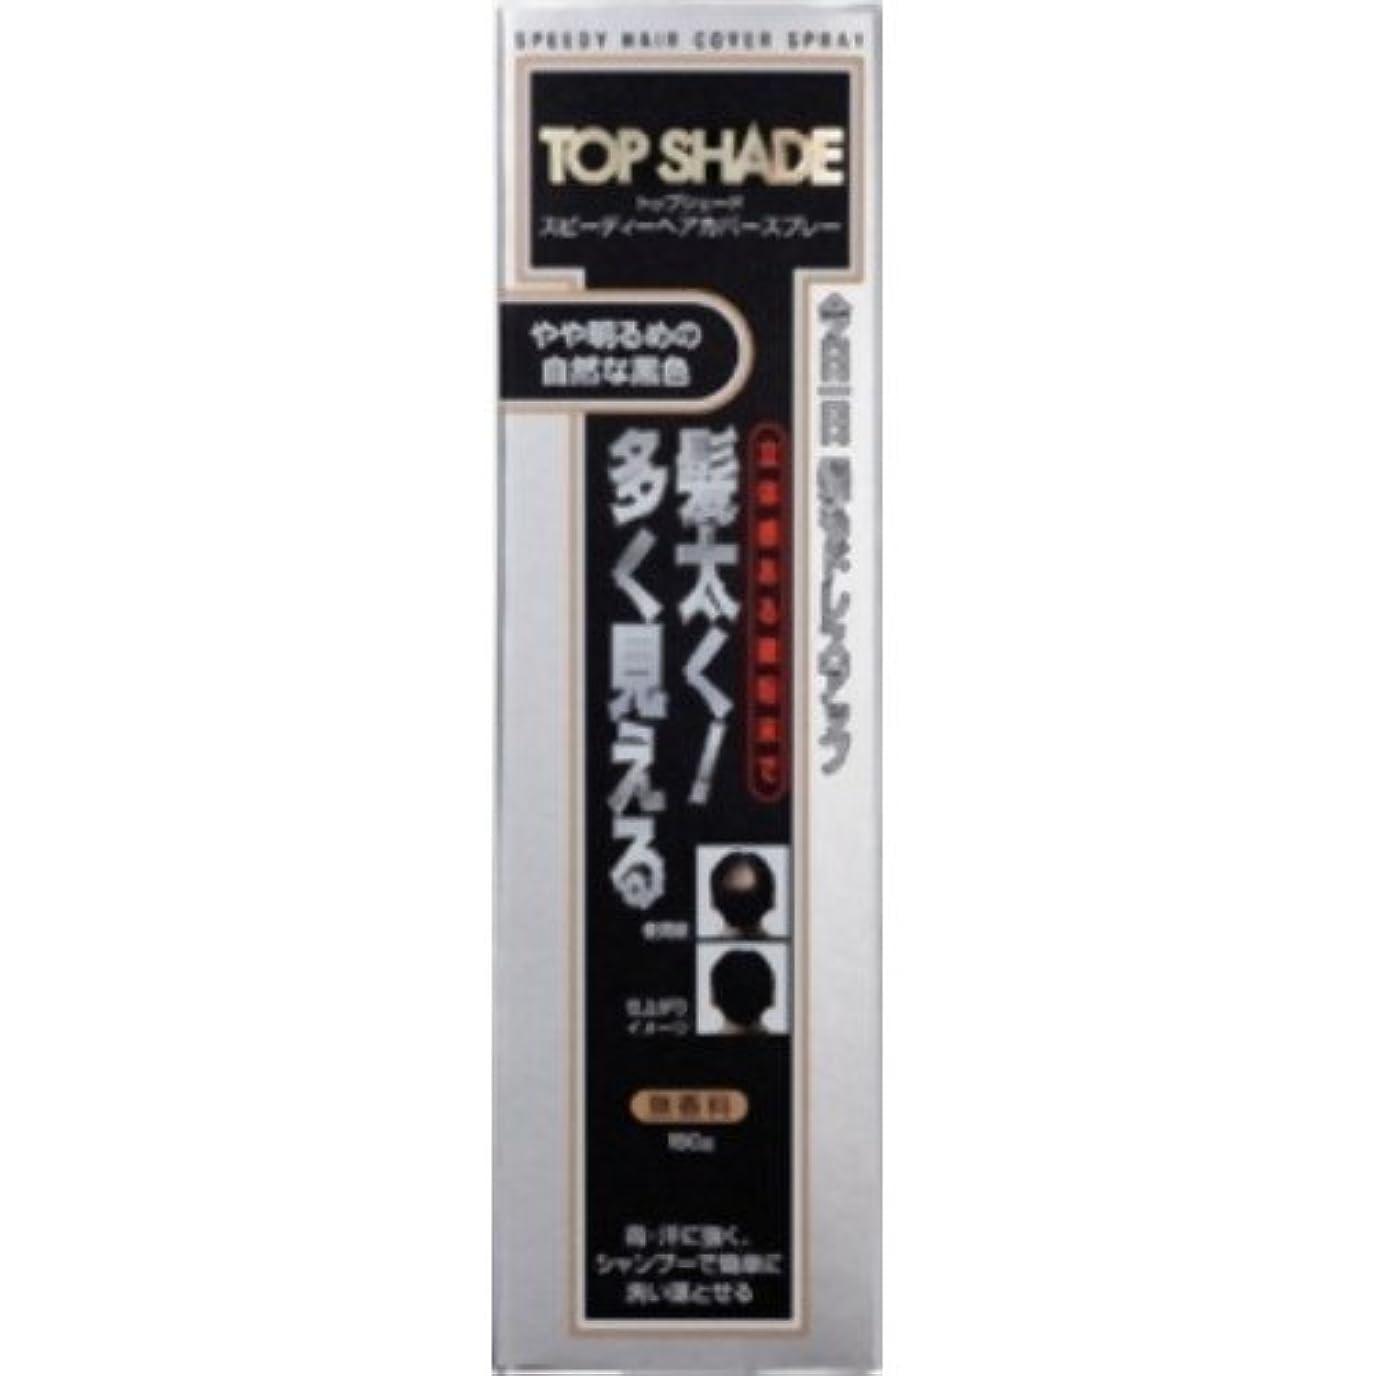 サラミ貢献する頬骨柳屋 トップシェード スピーディーヘアカバースプレー やや明るめの自然な黒色 150g